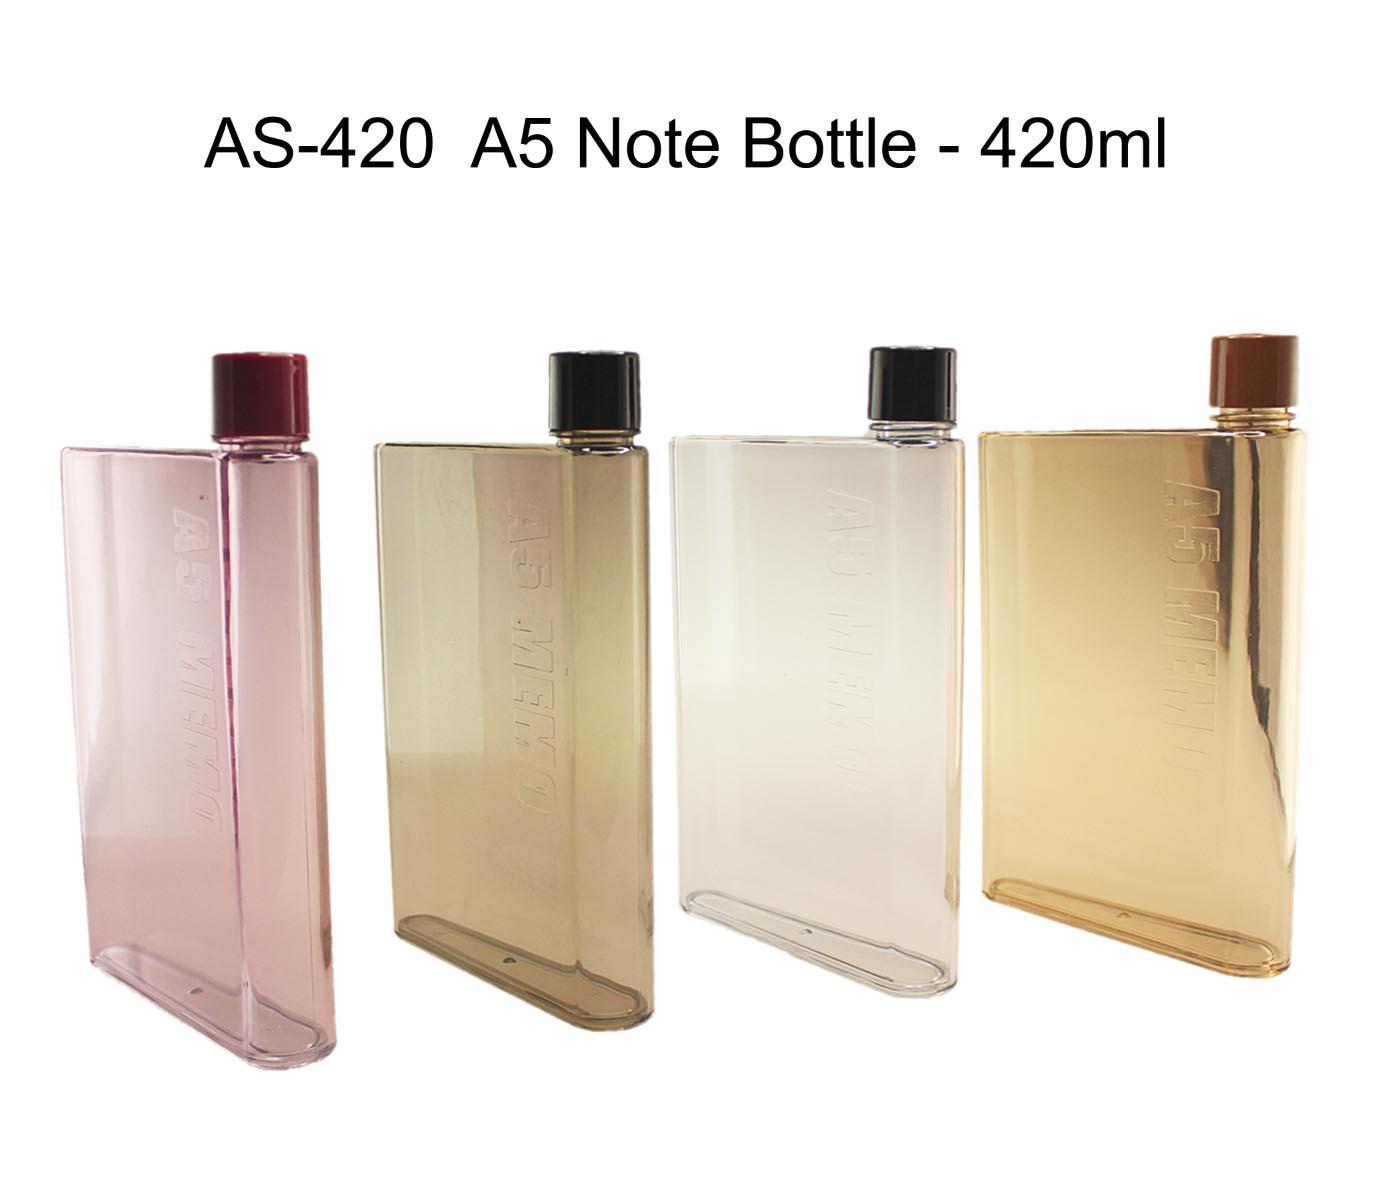 PSAS420 A5 Memo bottle. as-420_a5_note_bottle_420ml · as-420_a5_note_bottle_420ml